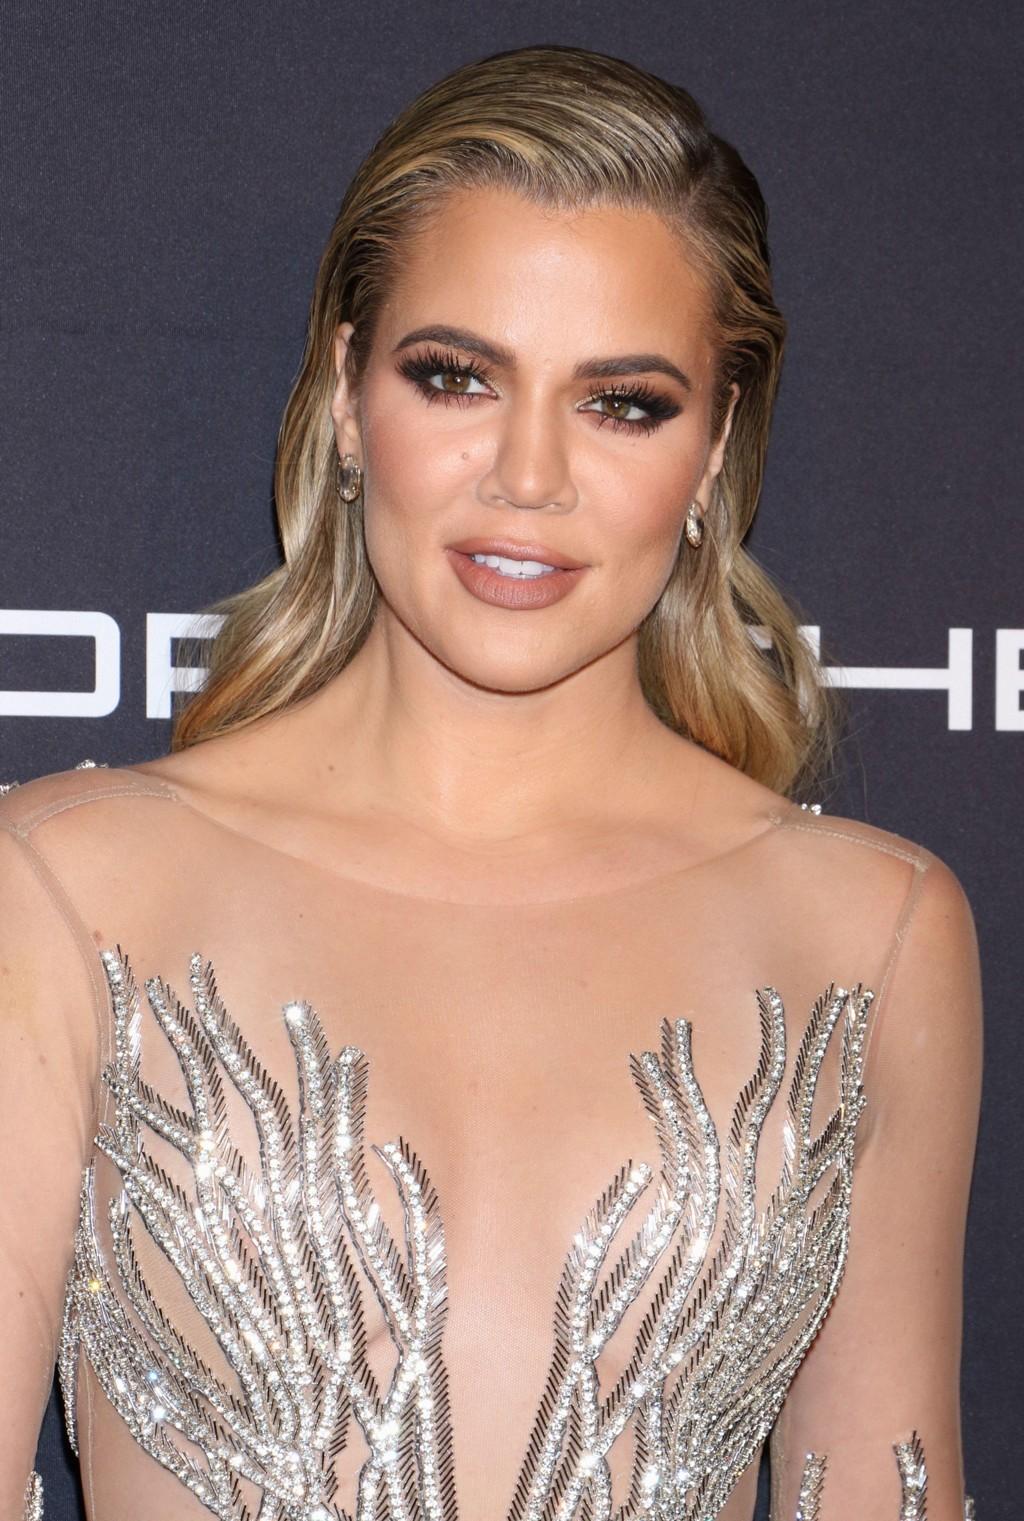 På nettsiden sin åpner Khloe Kardashian opp om vanskeligheter rundt det å ha sex som gravid.